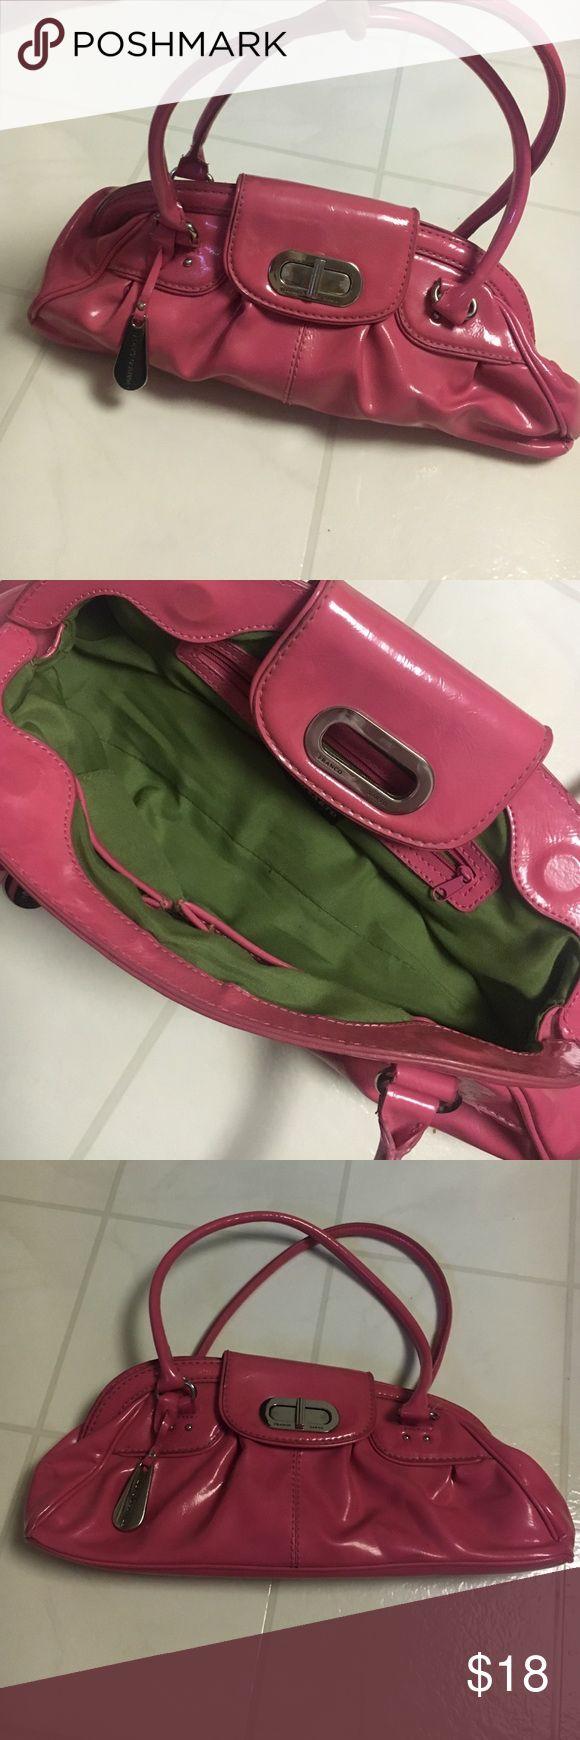 Franco Sarto Bag Fair condition, small marks Franco Sarto Bags